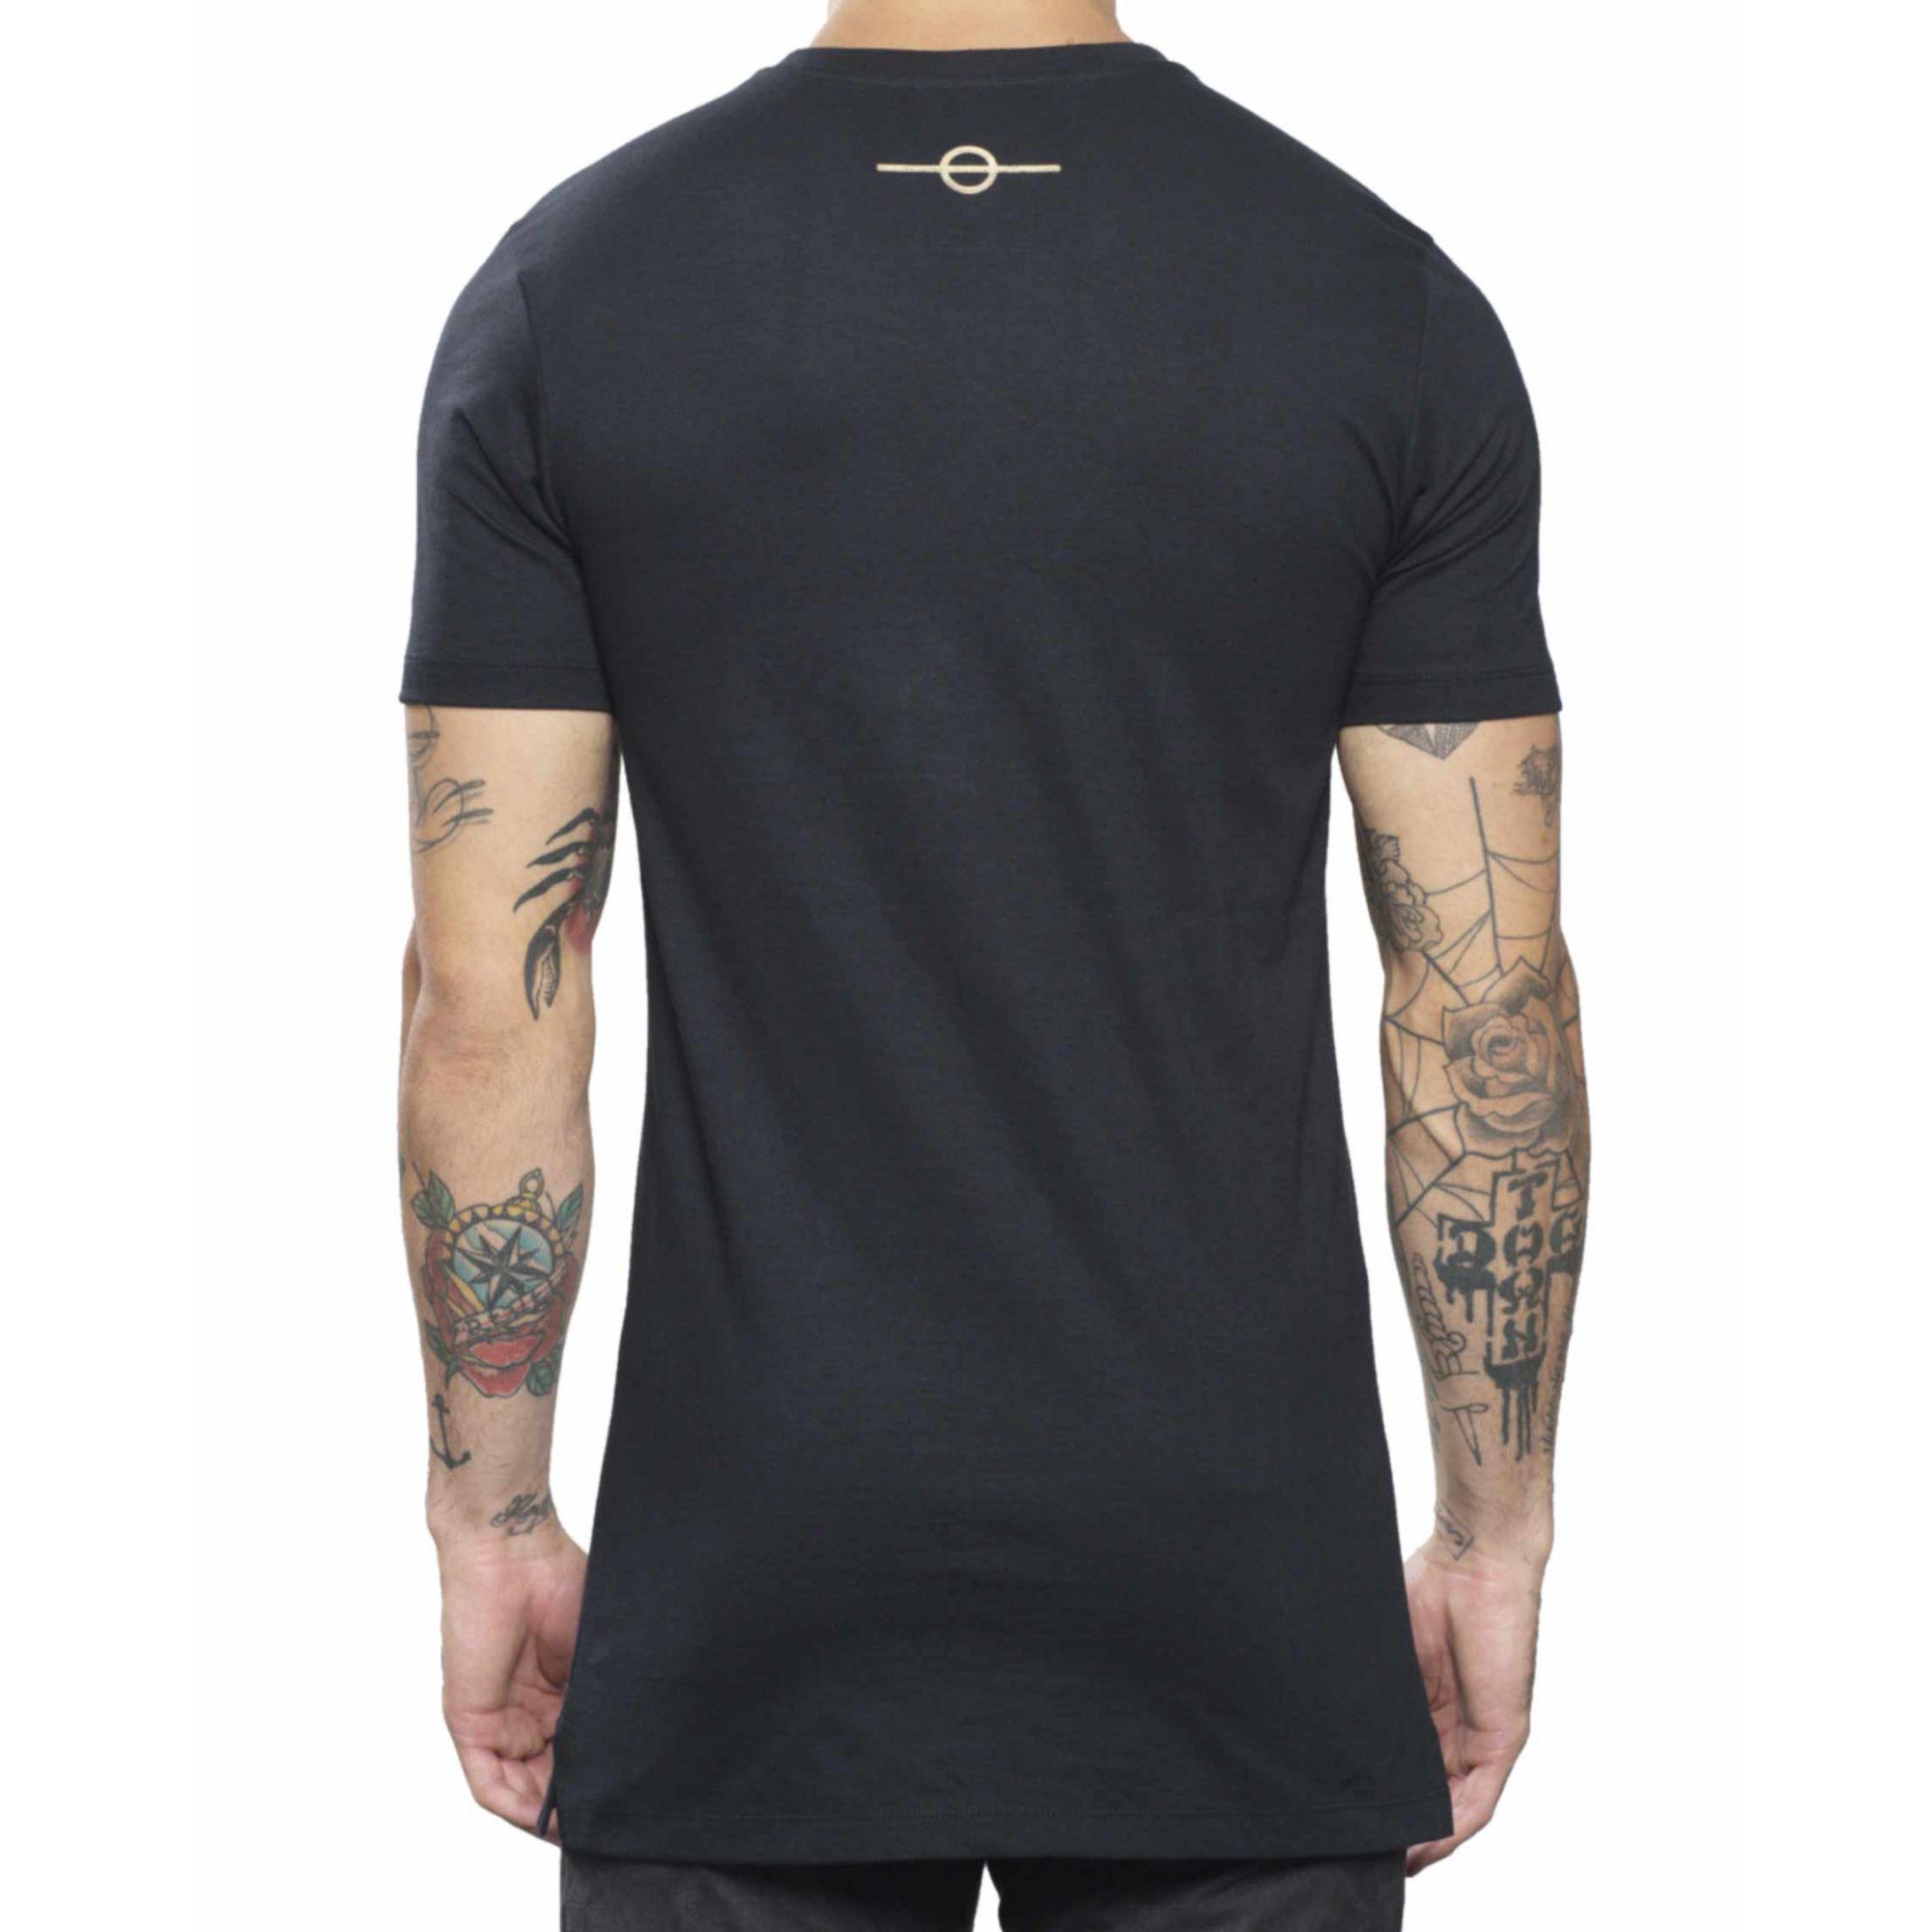 Camiseta Buh Metal Gold & Black